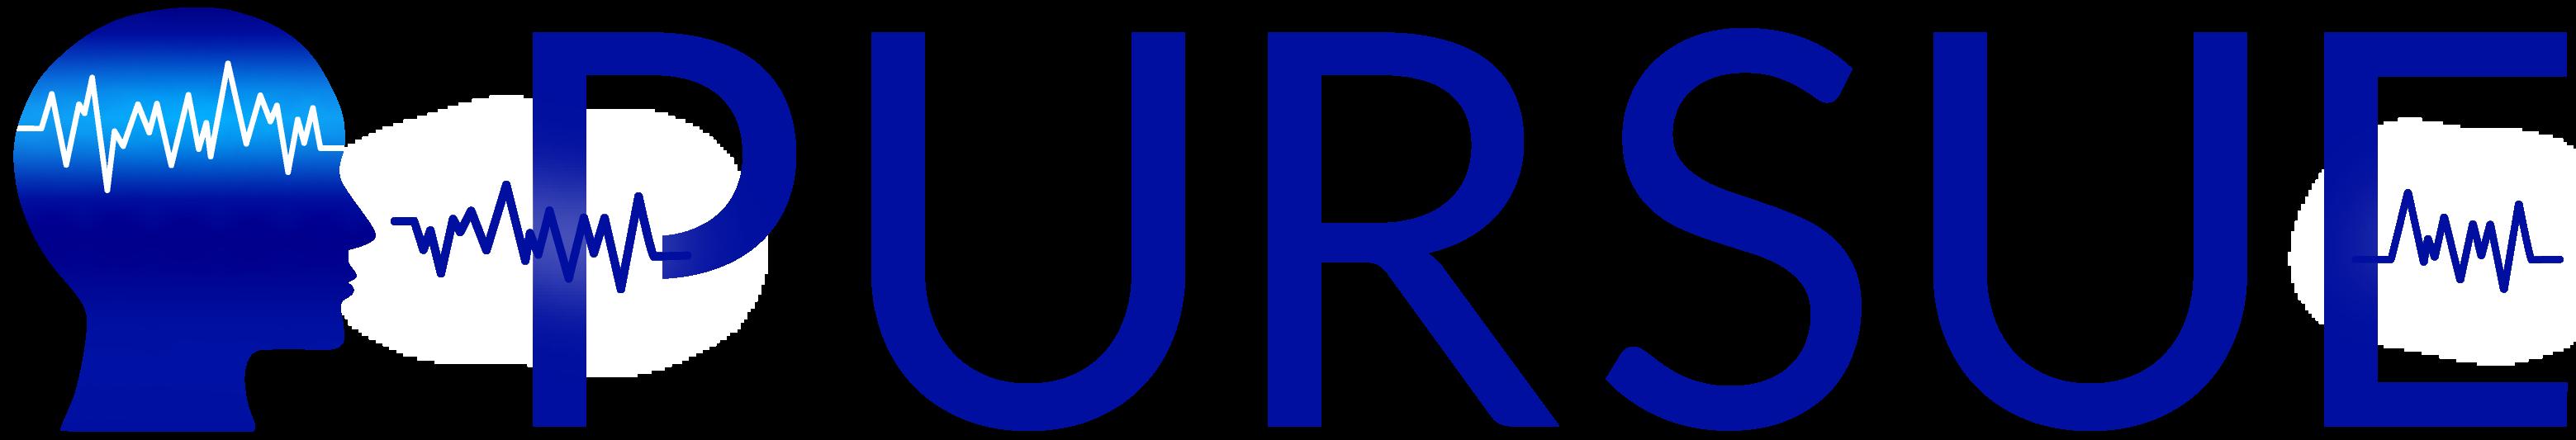 blue PURSUE logomark and wordmark